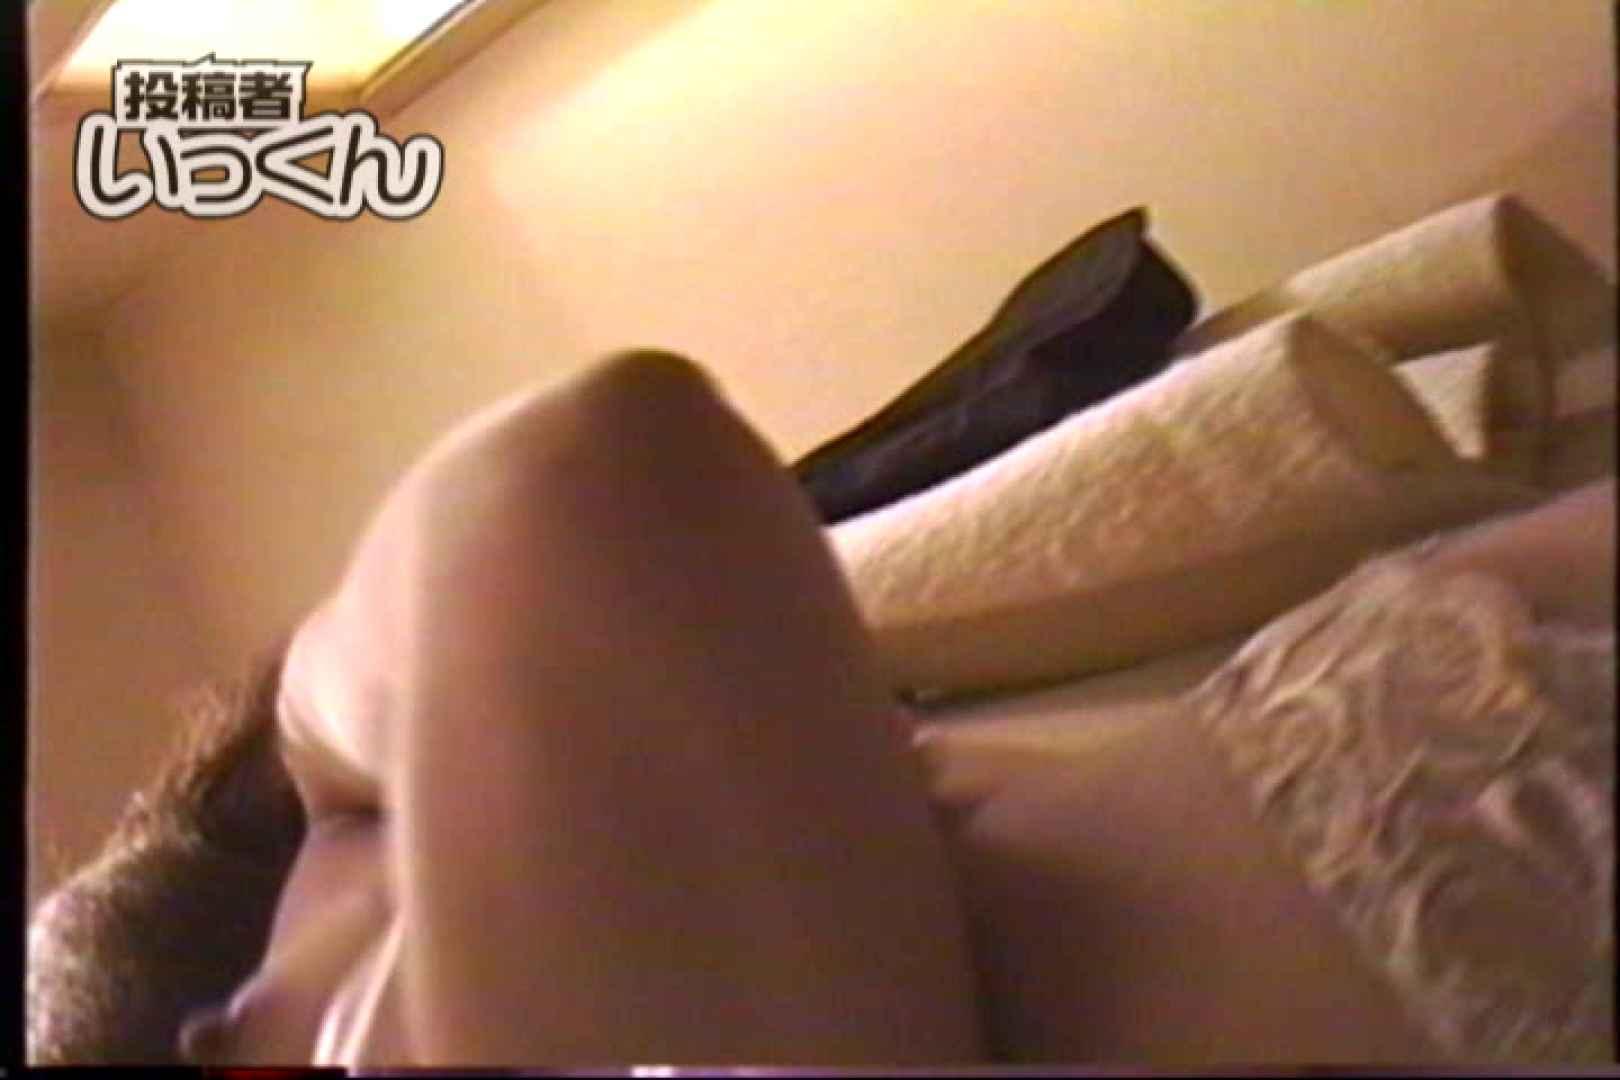 調教師いっくんの フリーター20歳みな2回戦目 盗撮映像大放出 ヌード画像 37連発 2